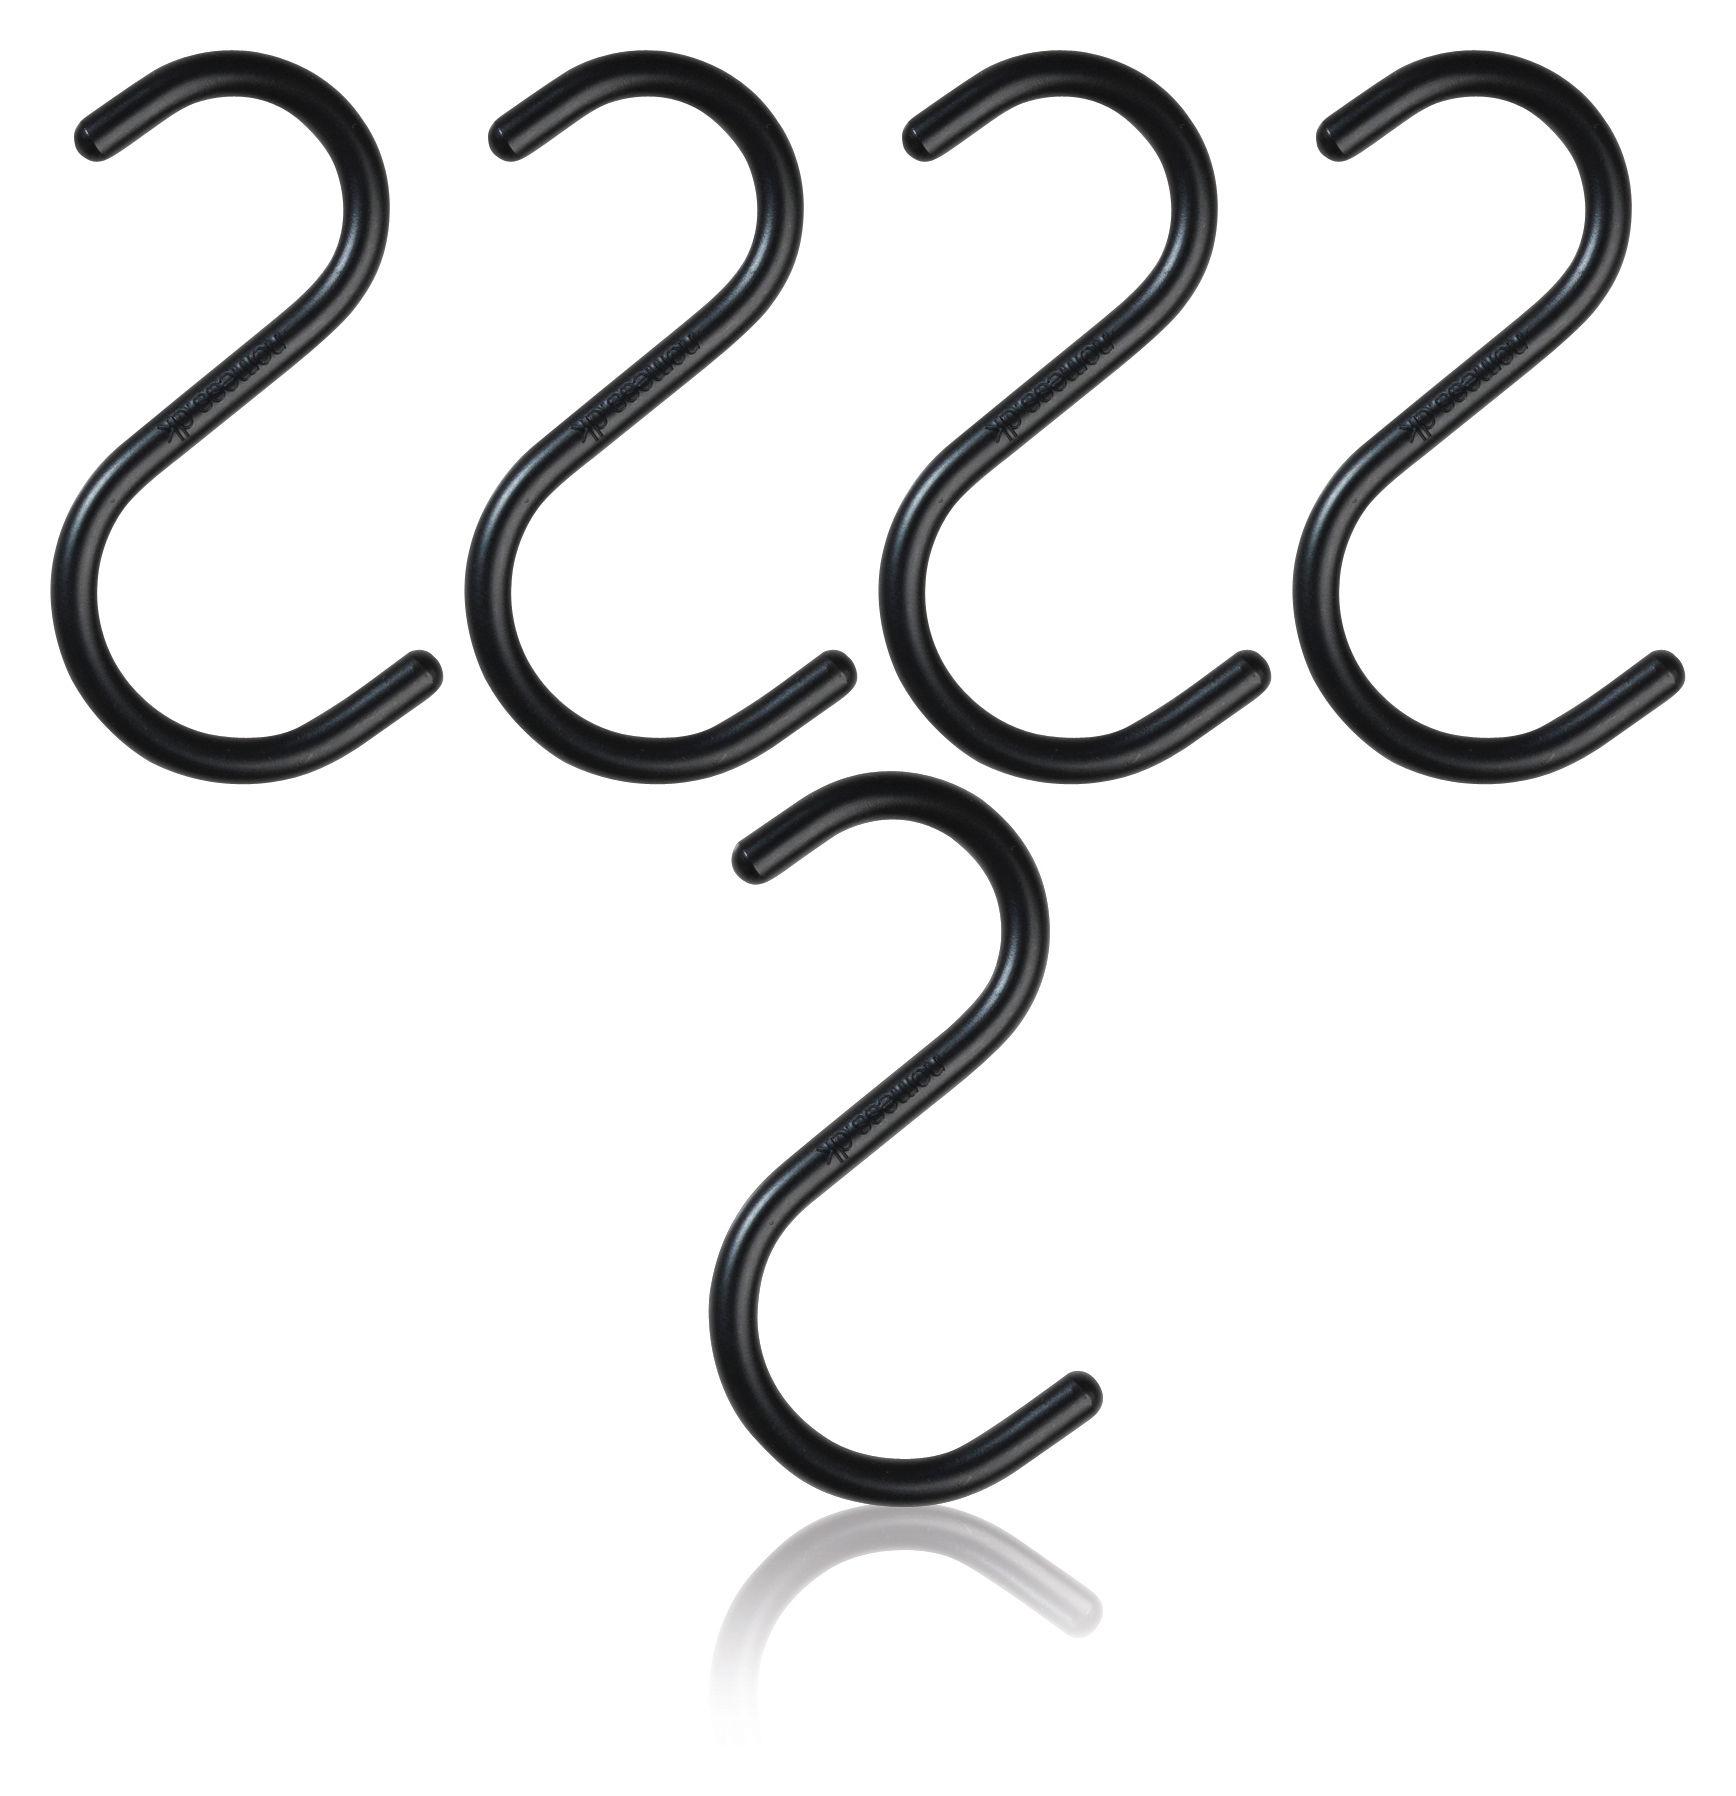 Interni - Rastrelliere e Ganci - Gancio S-HOOK Small - / Set da 5 di Nomess - Nero - alluminio verniciato